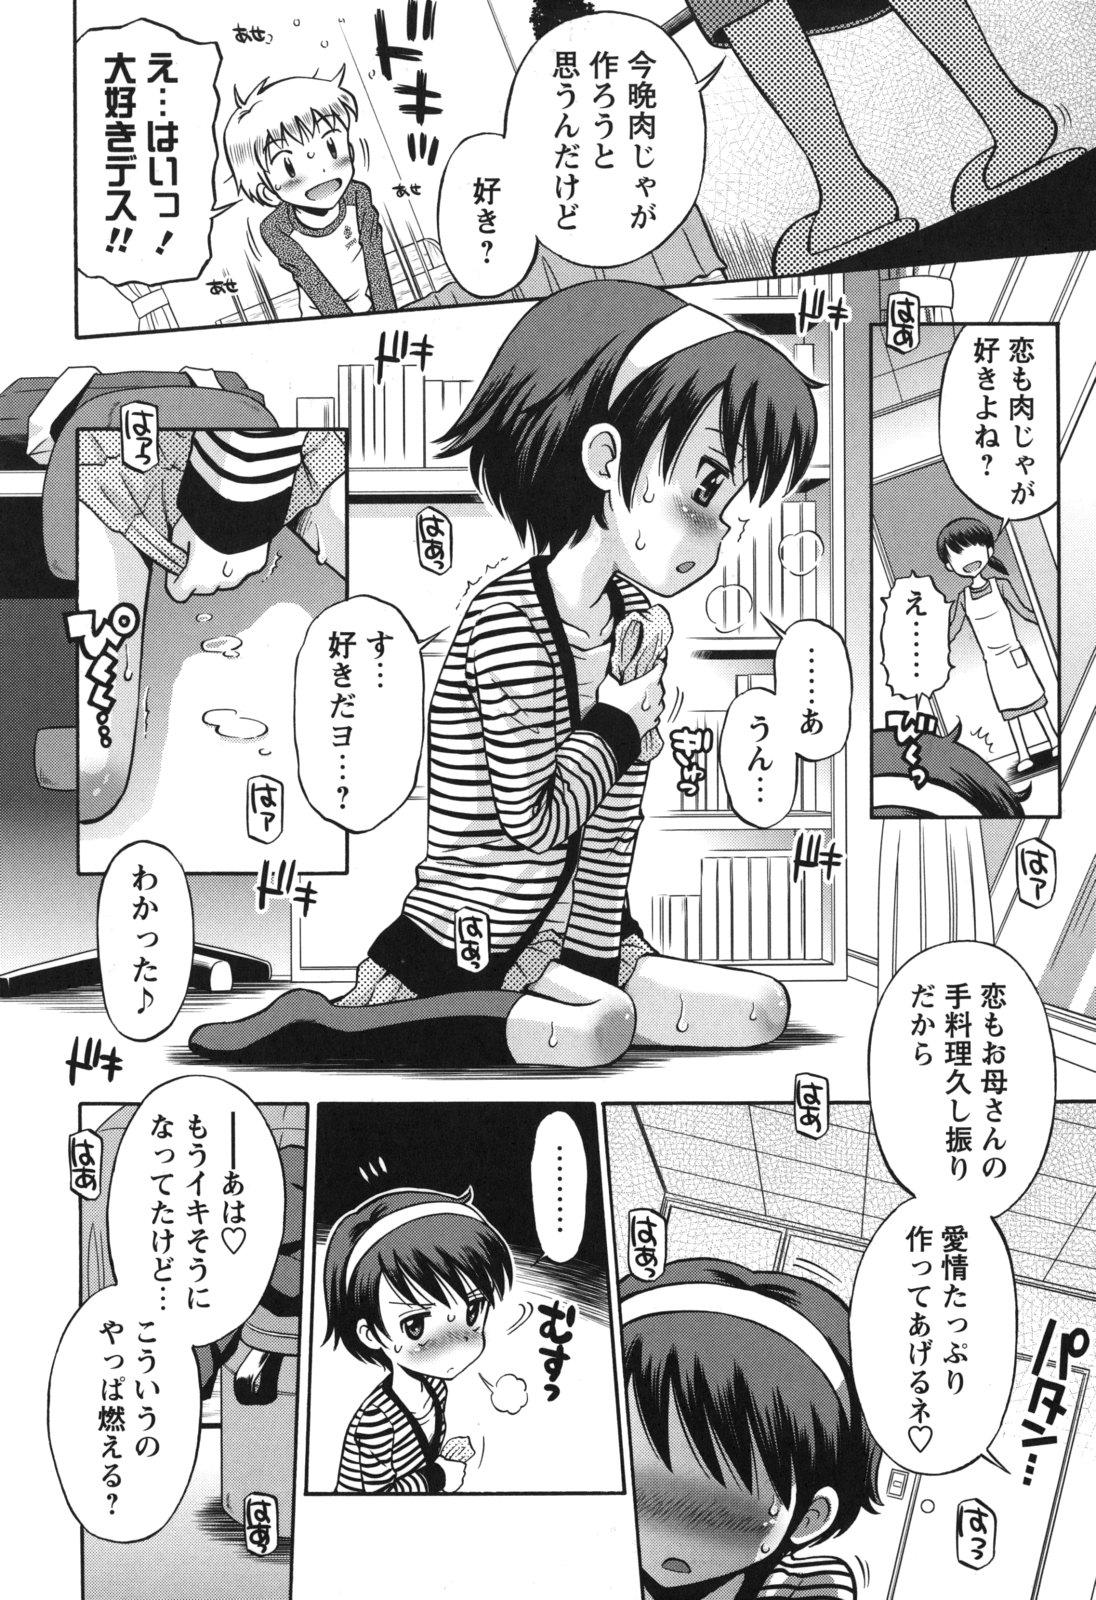 SOS! Sukebe na Osananajimi ga Shinobikondekimashita. 88